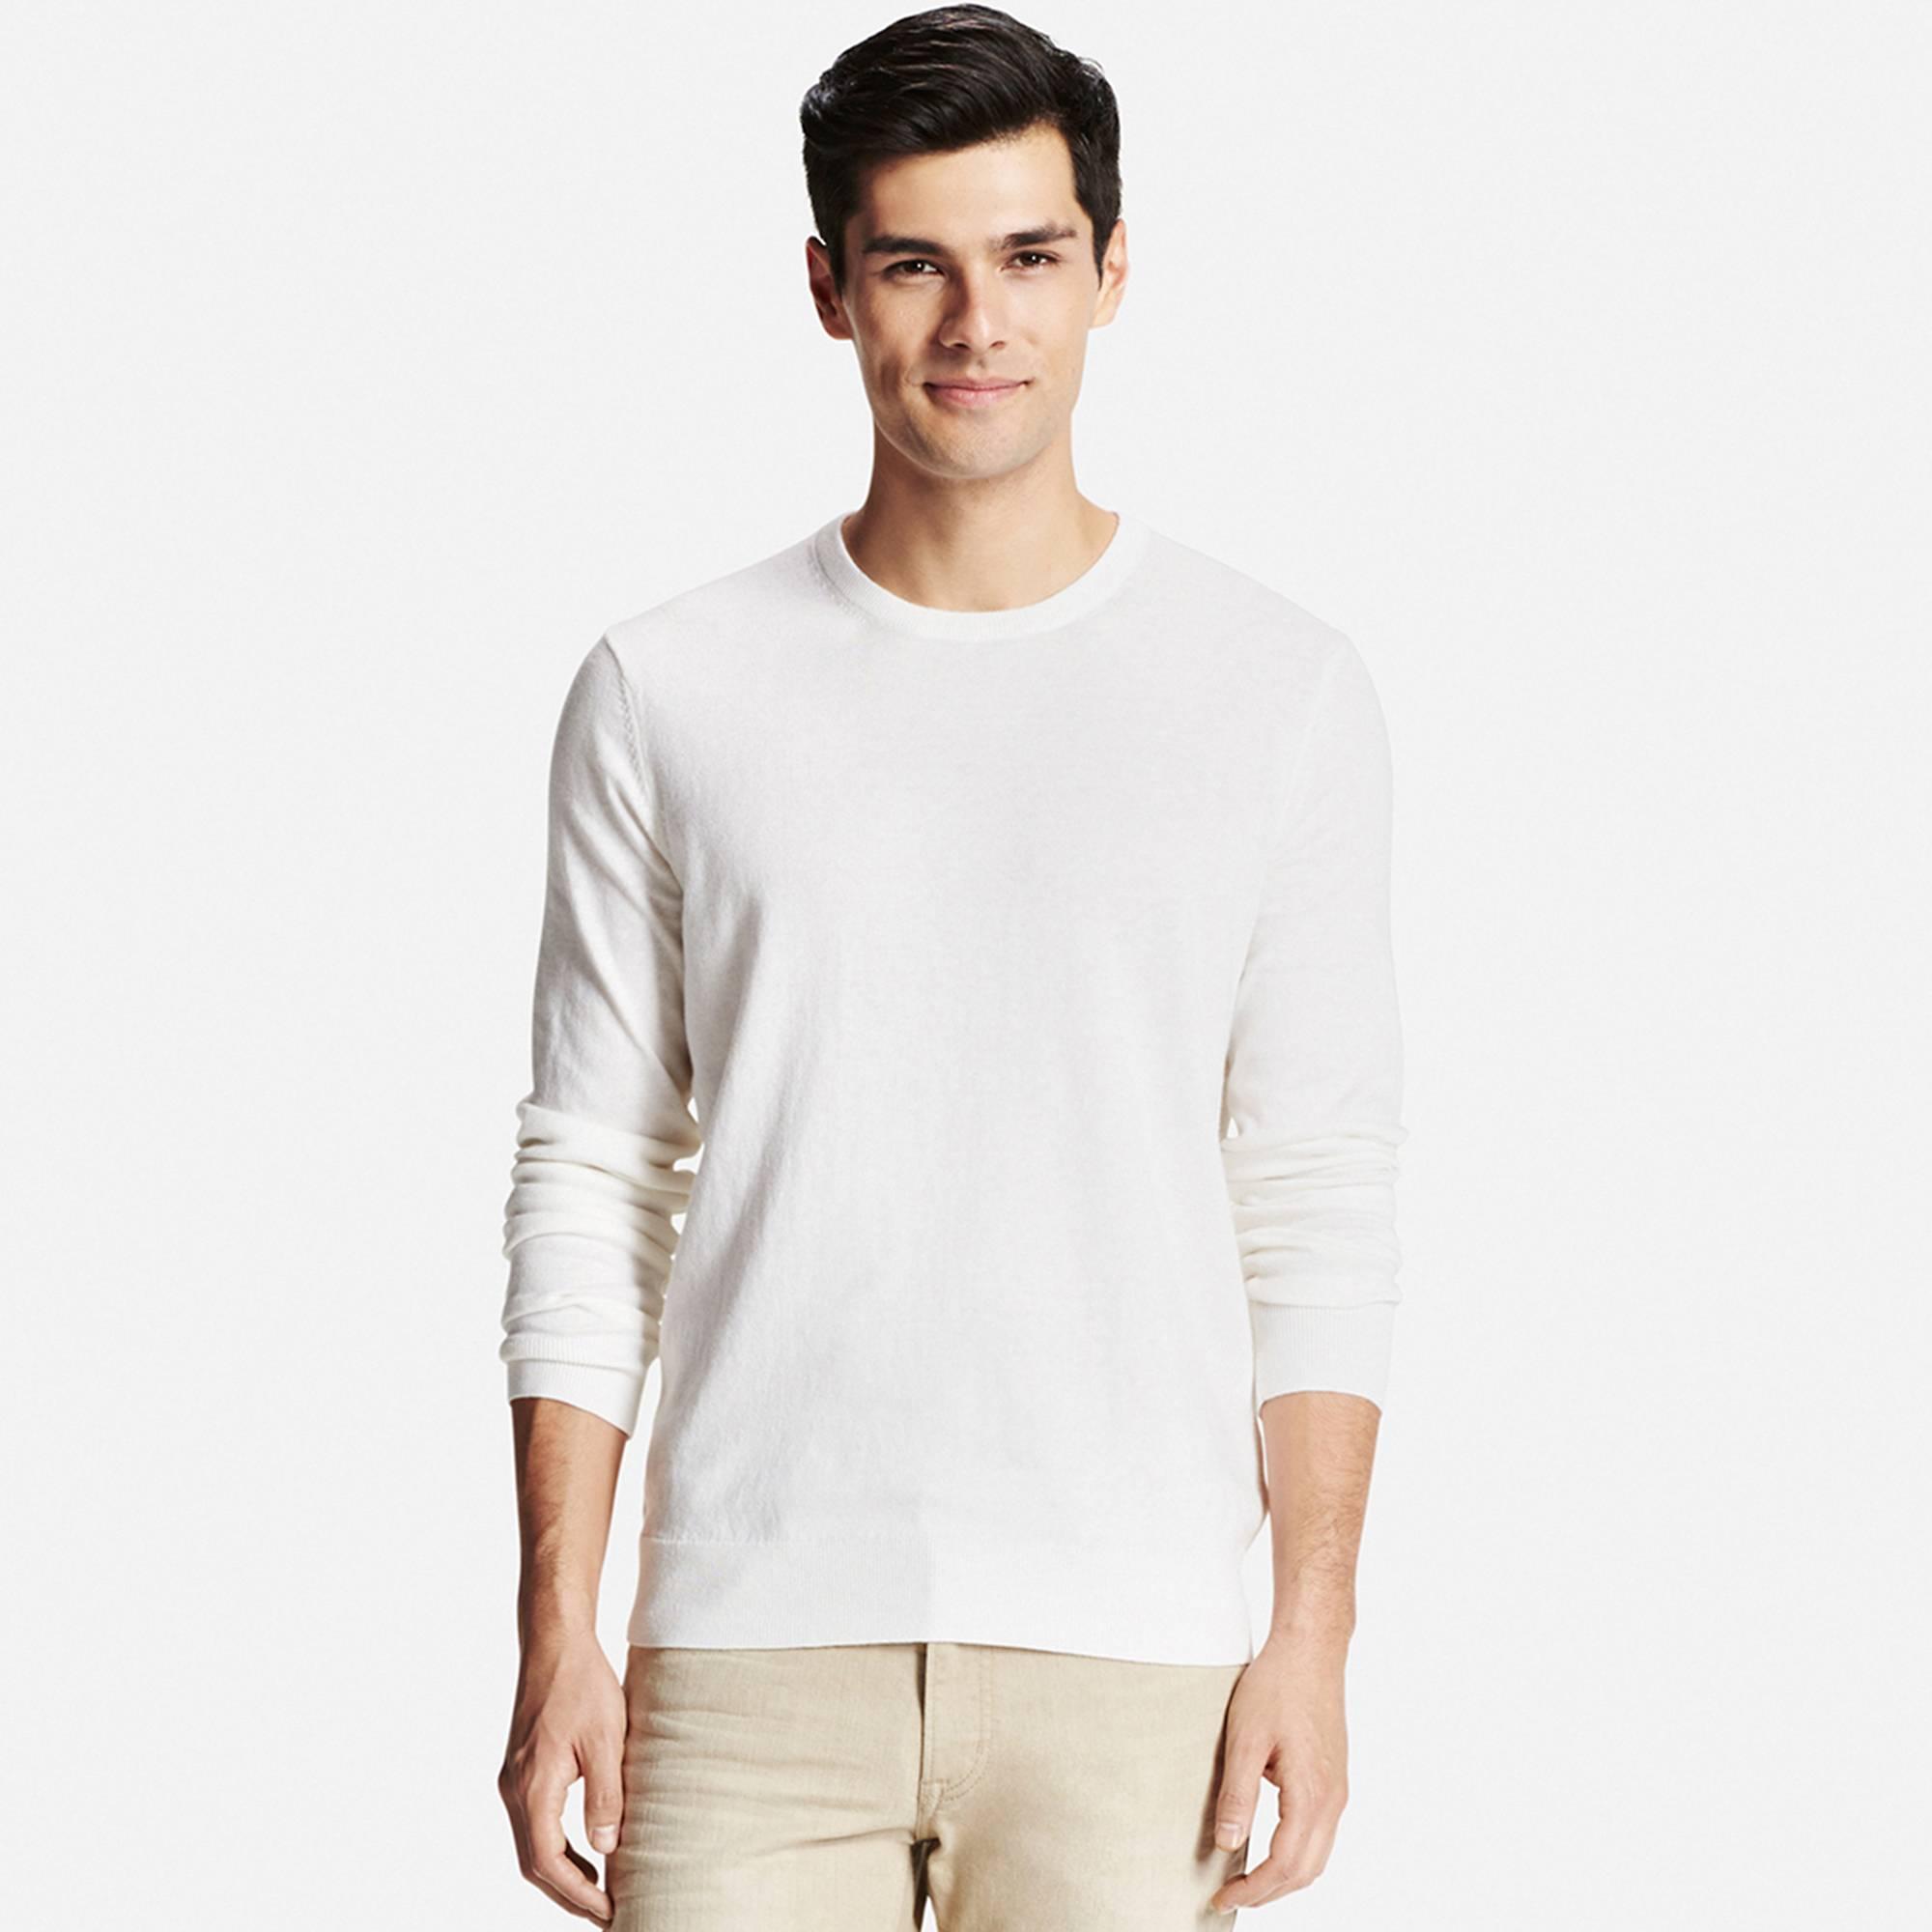 Men's Cotton Cashmere Crew Neck Sweater | UNIQLO US